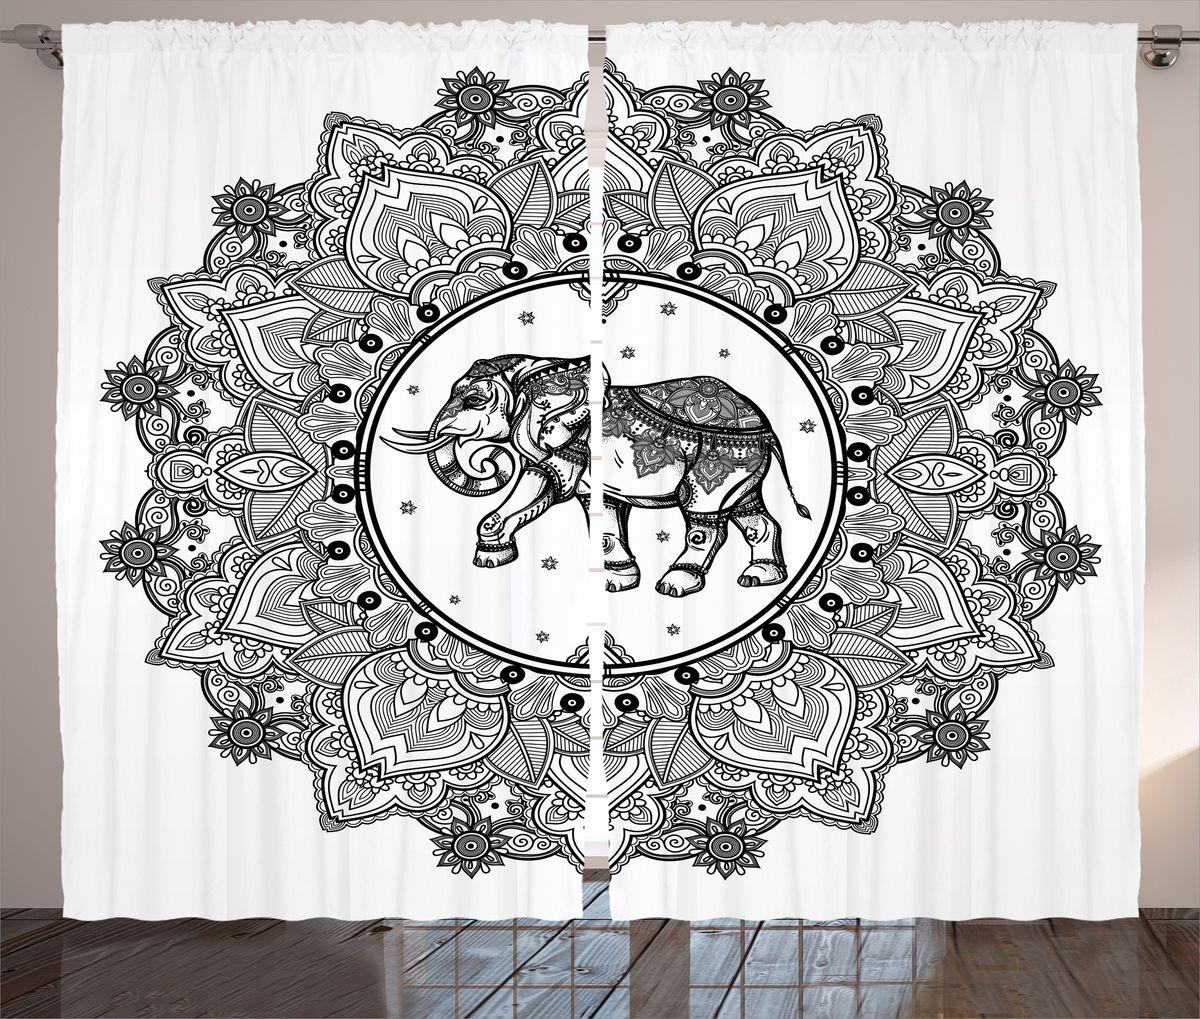 Комплект фотоштор Magic Lady, на ленте, высота 265 см. шсг_16086шсг_16086Компания Сэмболь изготавливает шторы из высококачественного сатена (полиэстер 100%). При изготовлении используются специальные гипоаллергенные чернила для прямой печати по ткани, безопасные для человека и животных. Экологичность продукции Magic lady и безопасность для окружающей среды подтверждены сертификатом Oeko-Tex Standard 100. Крепление: крючки для крепления на шторной ленте (50 шт). Возможно крепление на трубу. Внимание! При нанесении сублимационной печати на ткань технологическим методом при температуре 240°С, возможно отклонение полученных размеров (указанных на этикетке и сайте) от стандартных на + - 3-5 см. Производитель старается максимально точно передать цвета изделия на фотографиях, однако искажения неизбежны и фактический цвет изделия может отличаться от воспринимаемого по фото. Обратите внимание! Шторы изготовлены из полиэстра сатенового переплетения, а не из сатина (хлопок). Размер одного полотна шторы: 145х265 см. В комплекте 2 полотна шторы и 50 крючков.